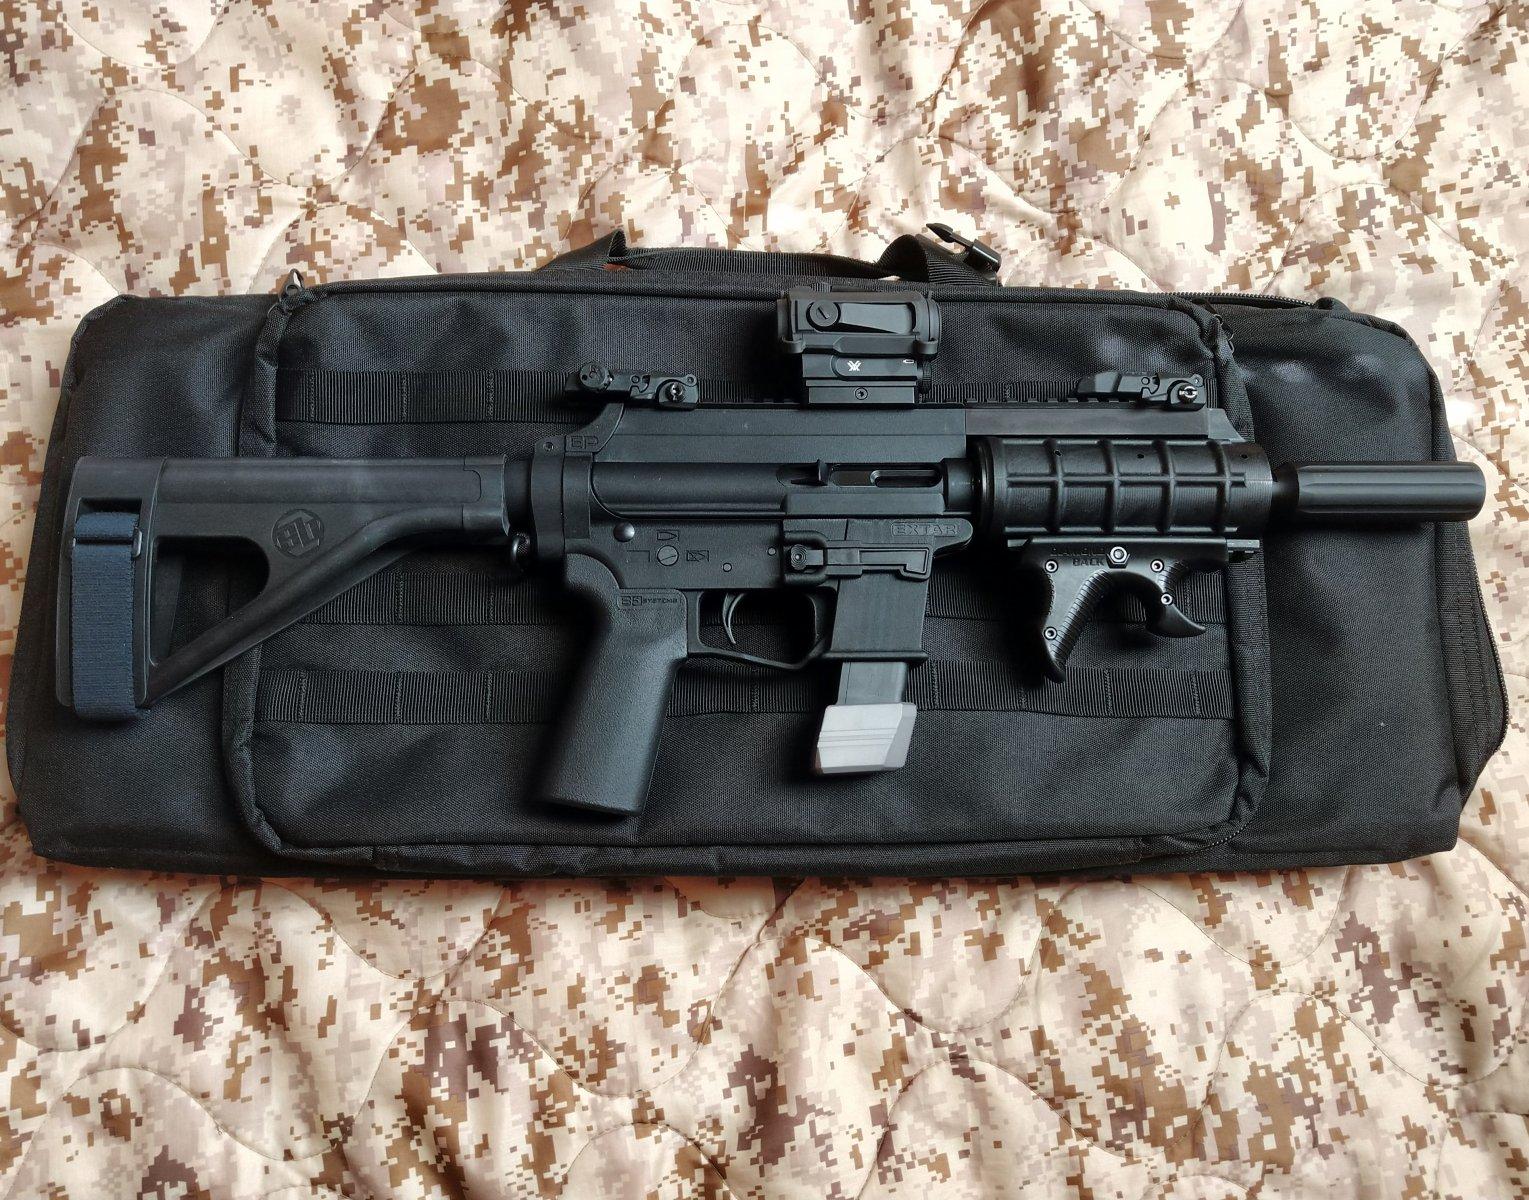 Extar EP9 9mm Pistol